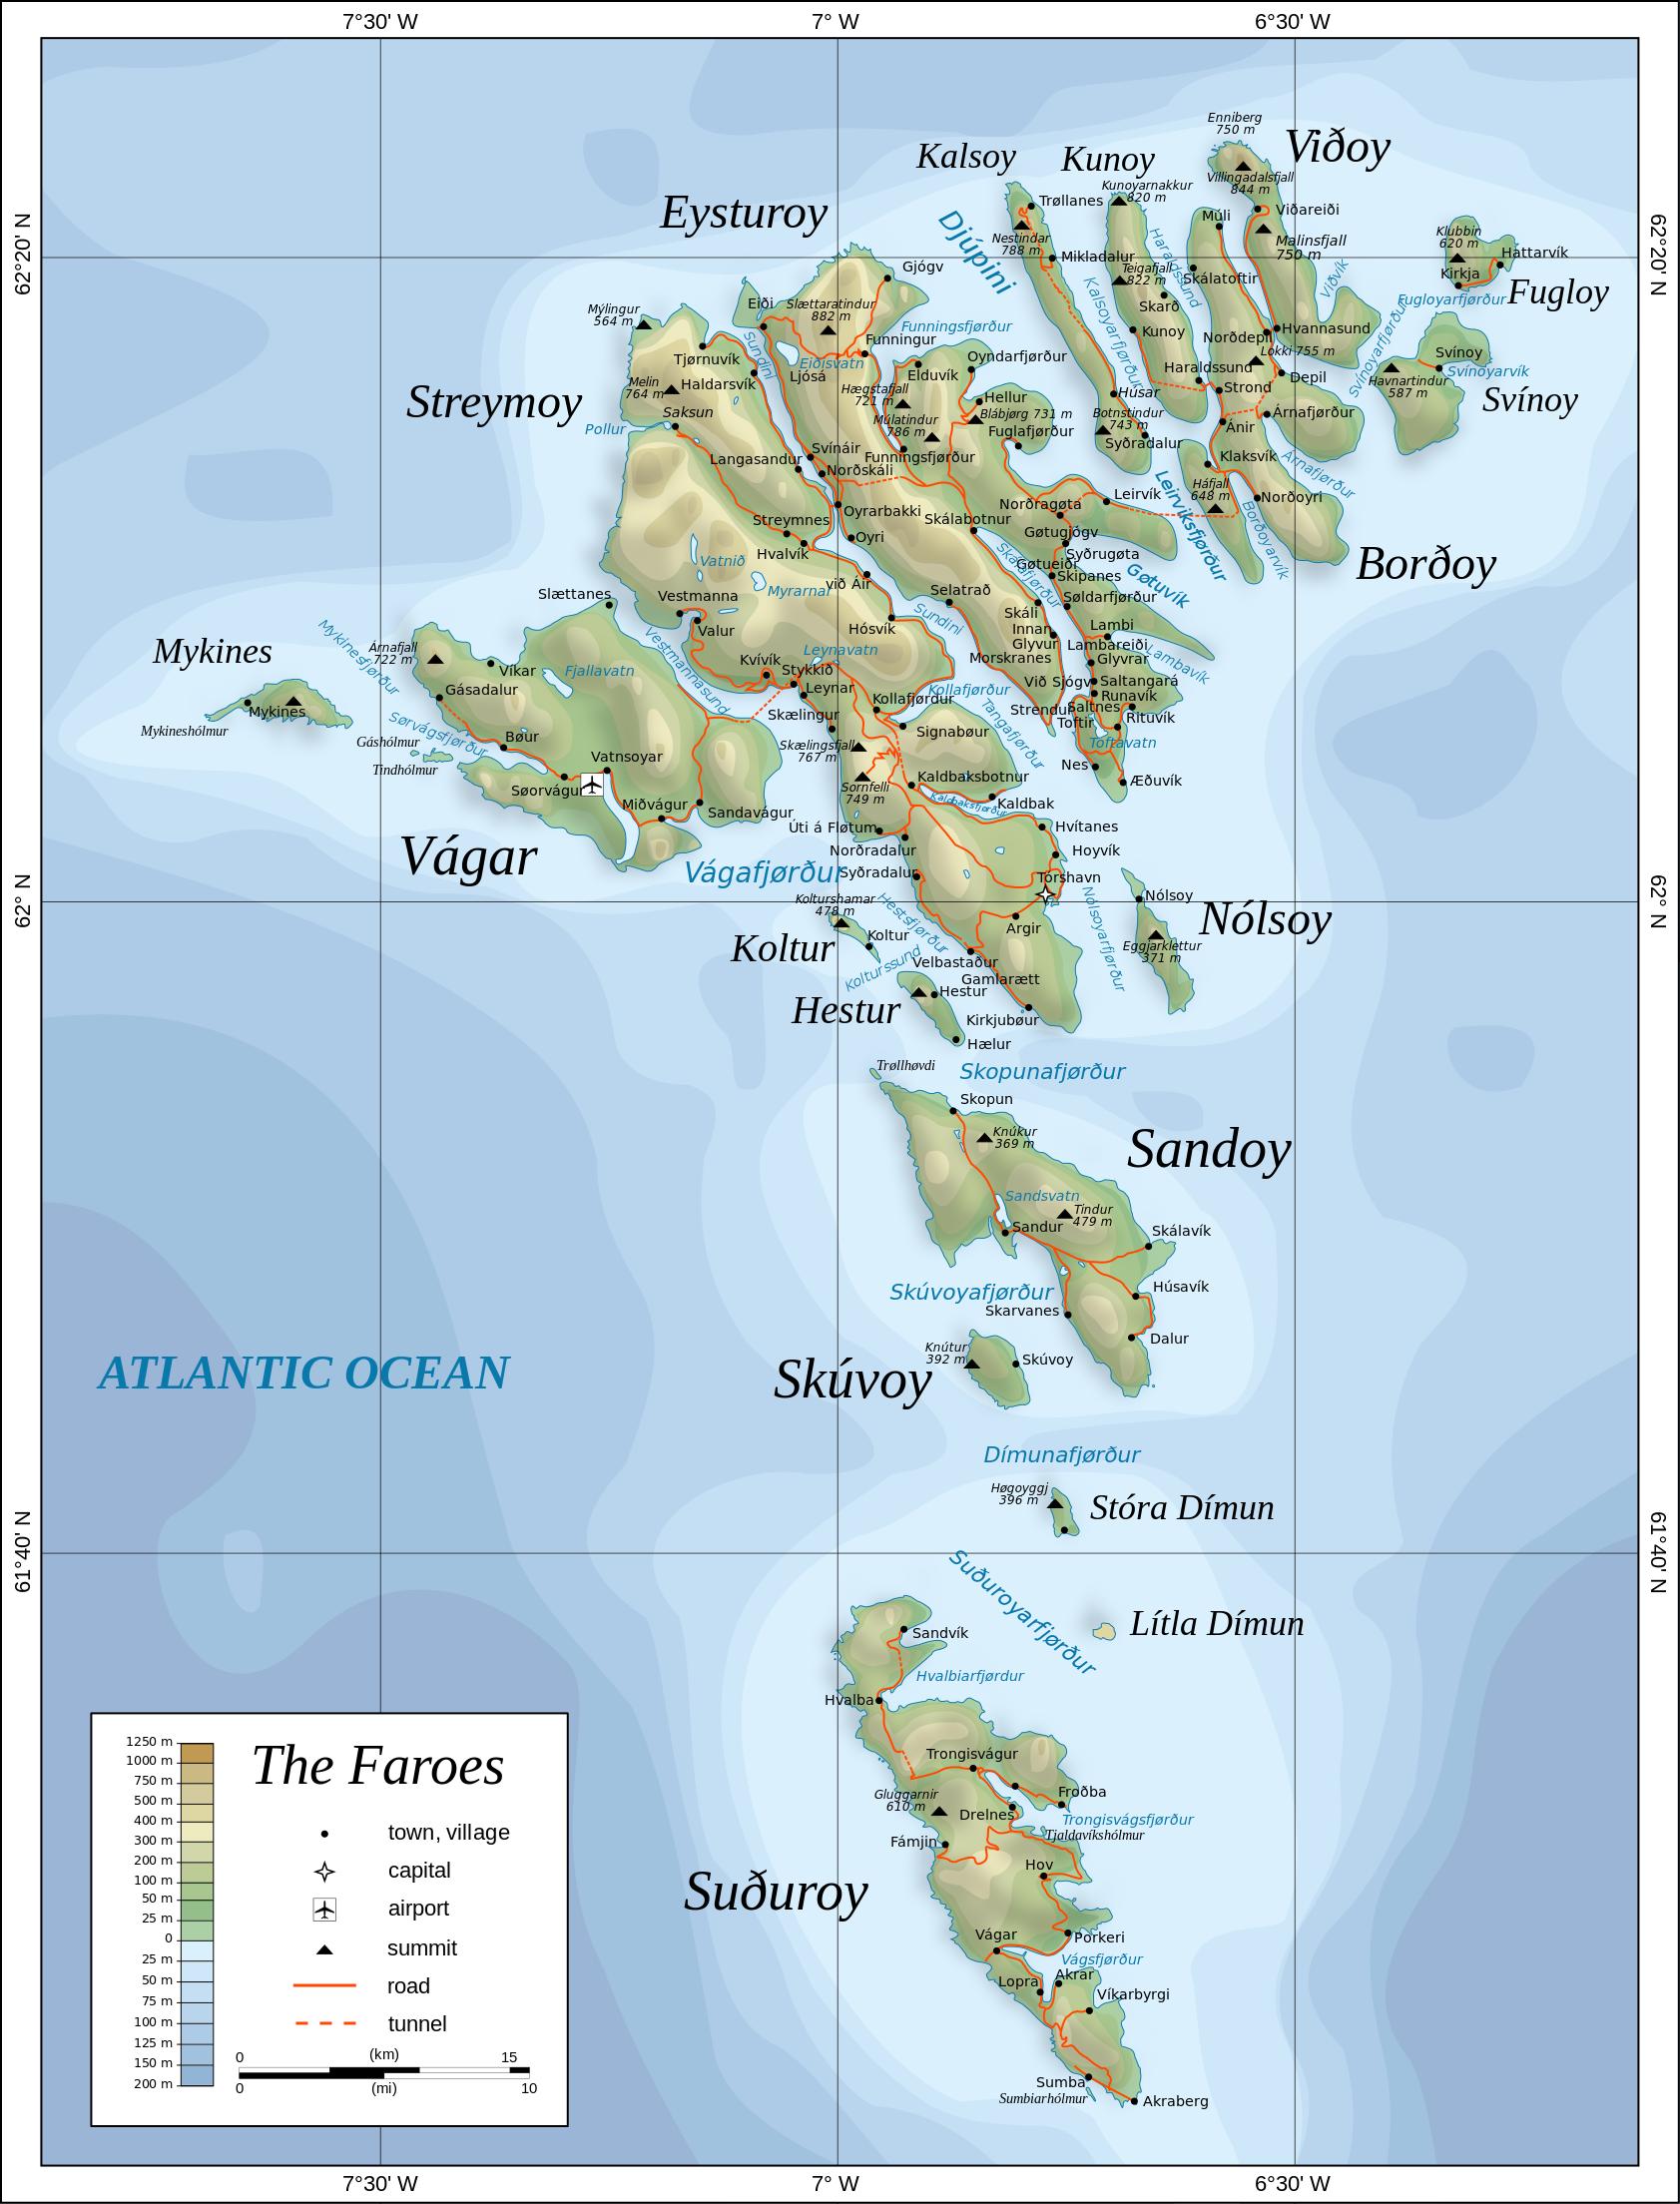 Map of the Faroe Islands